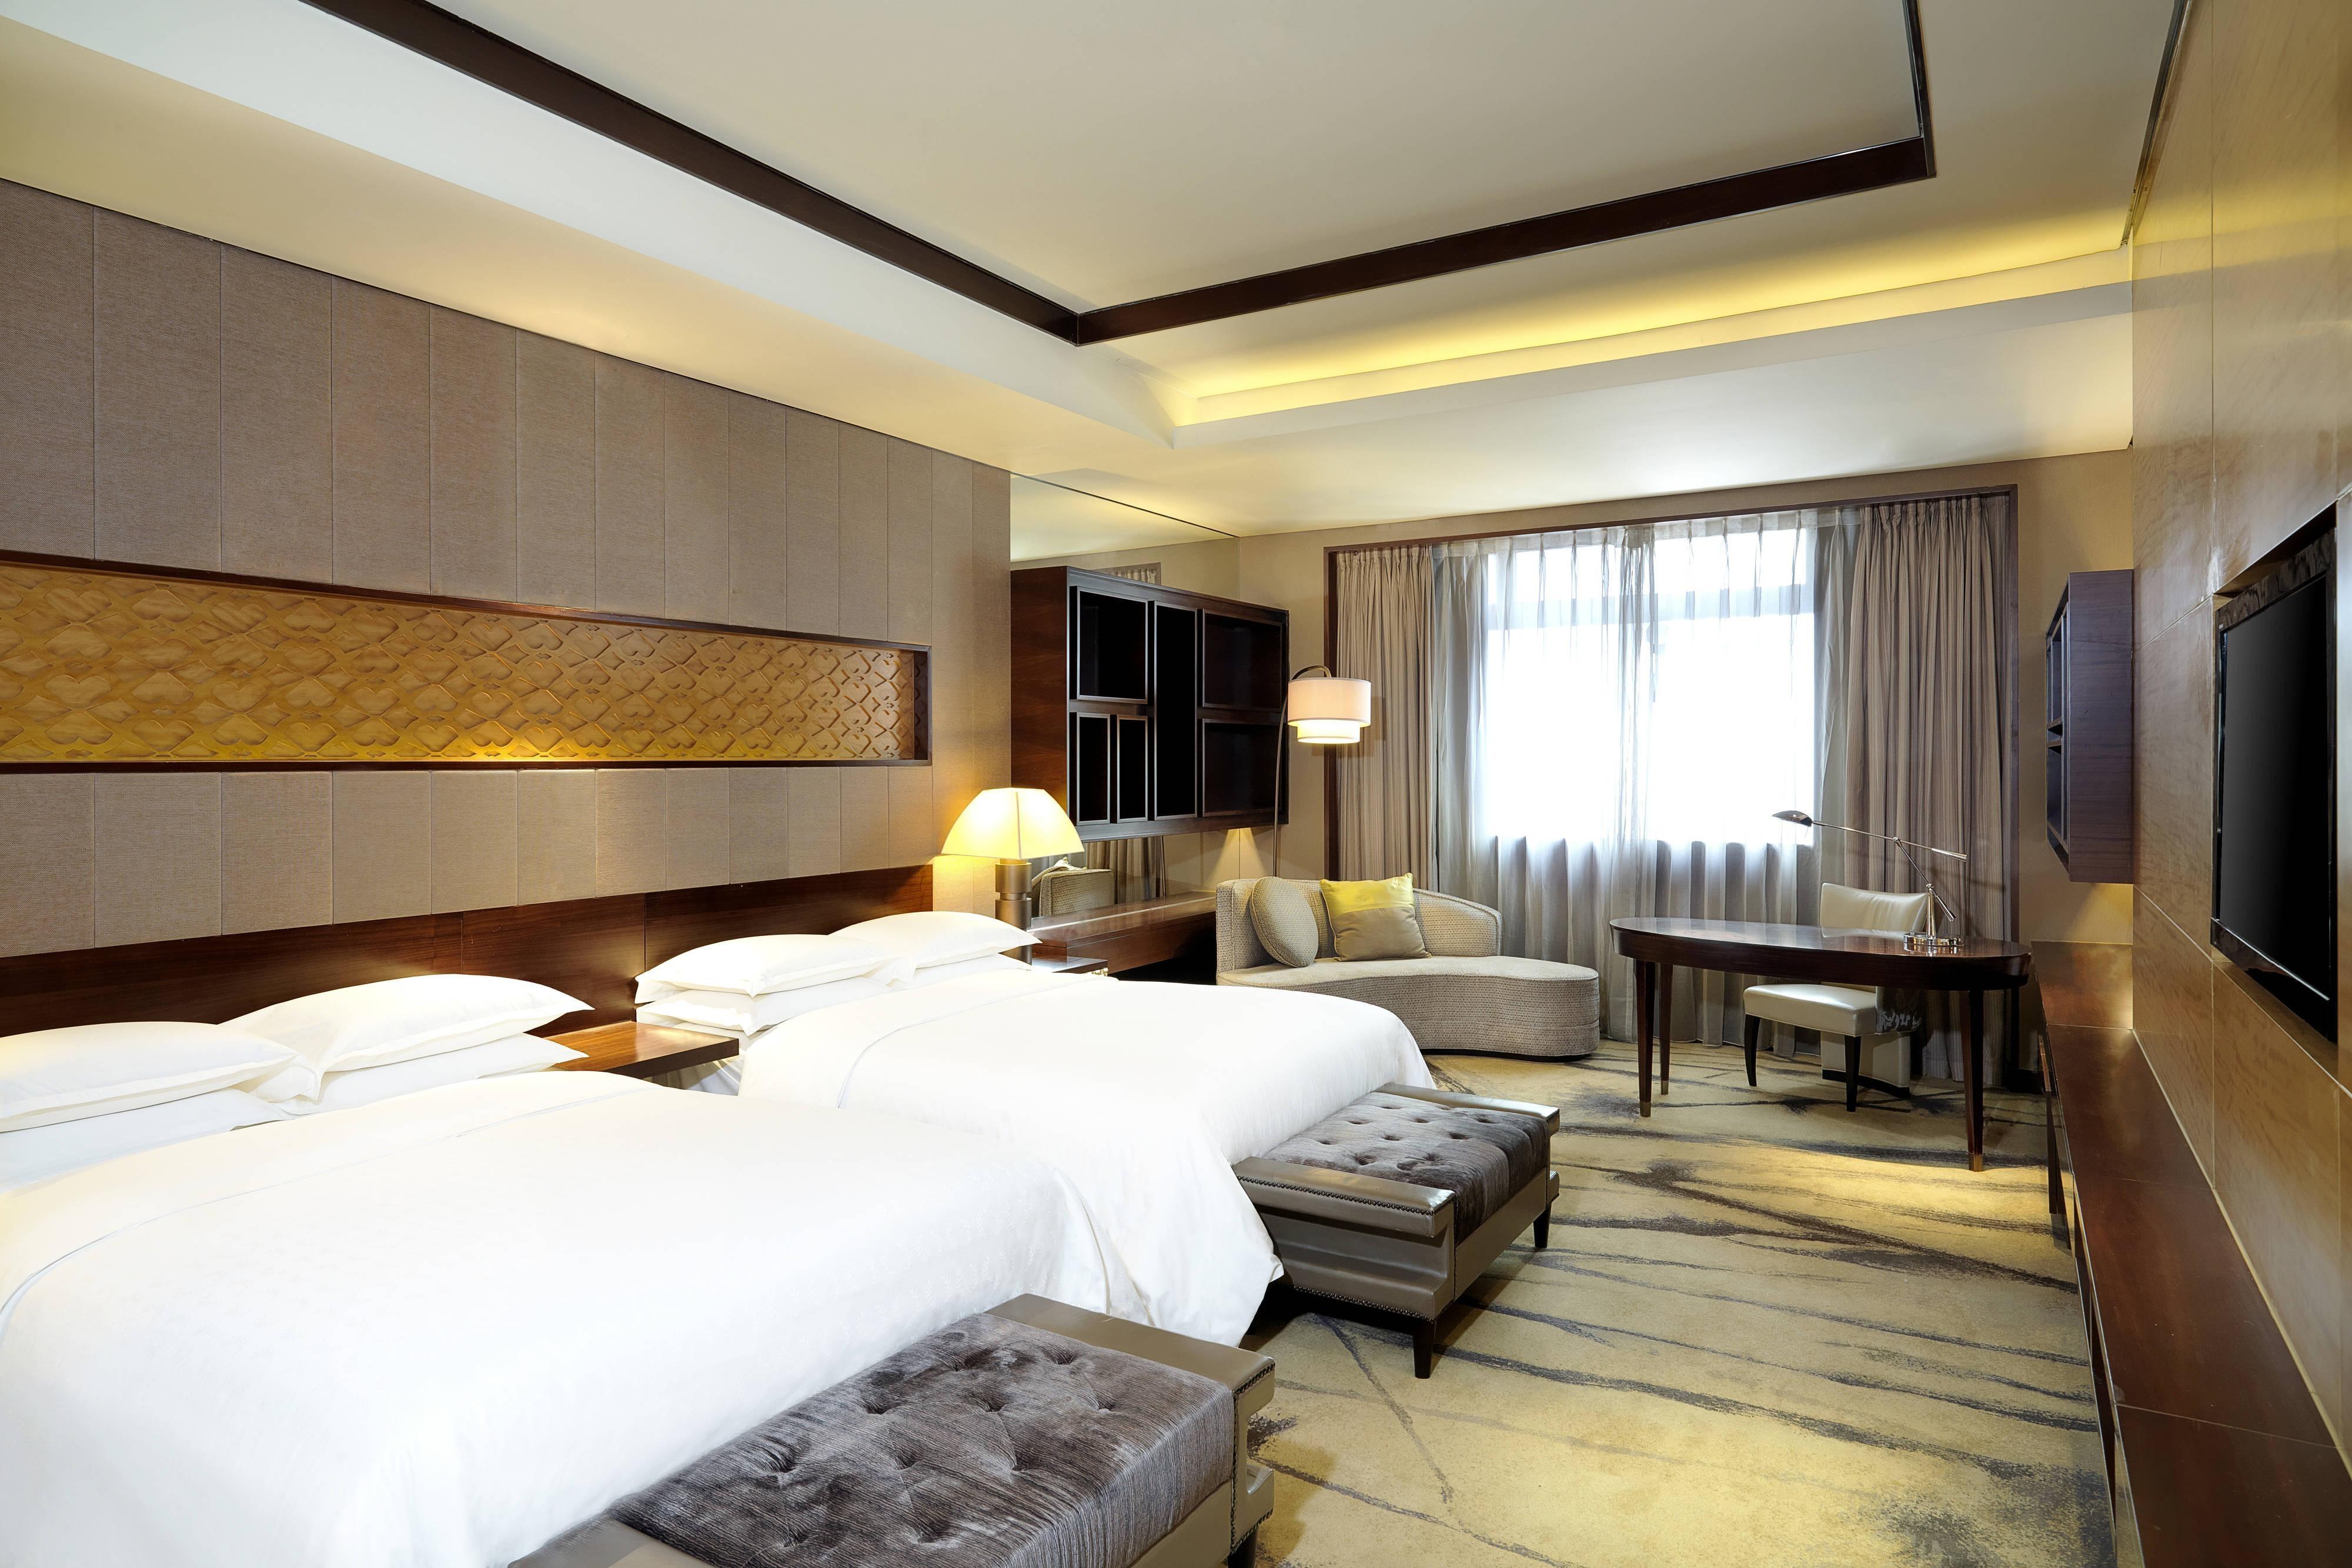 Executive Gästezimmer mit zwei Einzelbetten